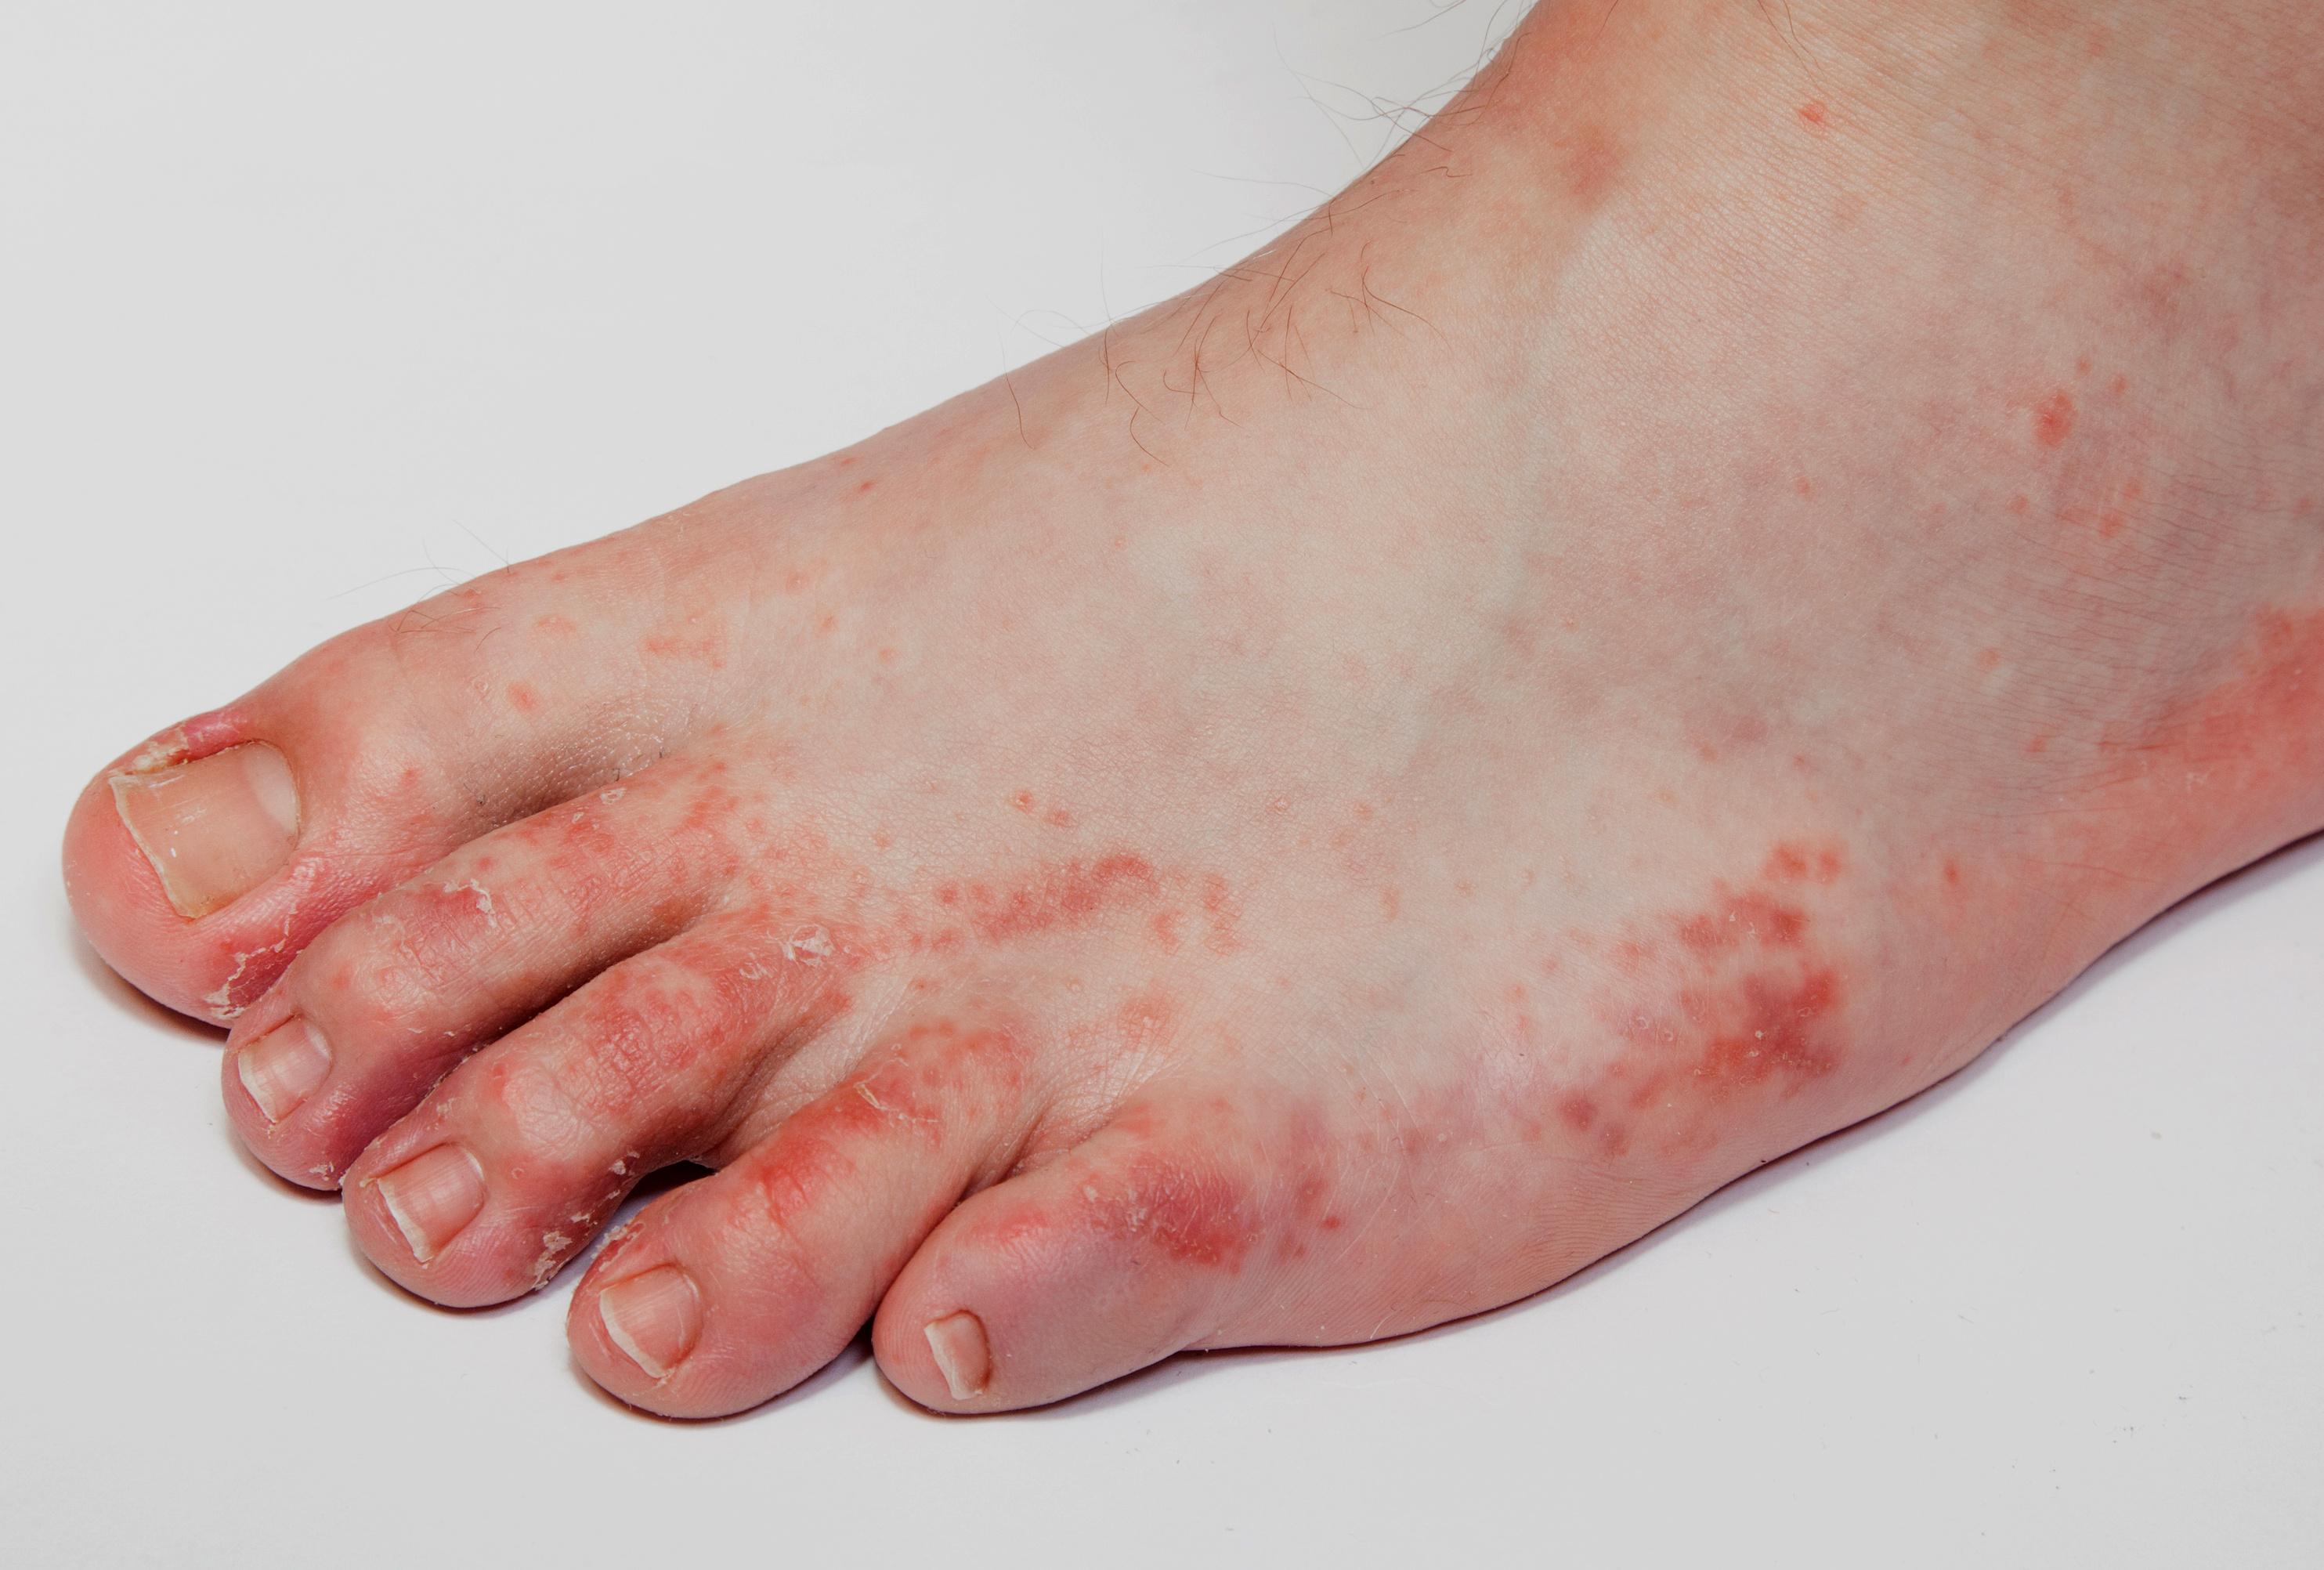 piros vizes foltok a láb belső részén mi ez hogyan kell kezelni a vörös foltot a nyakon